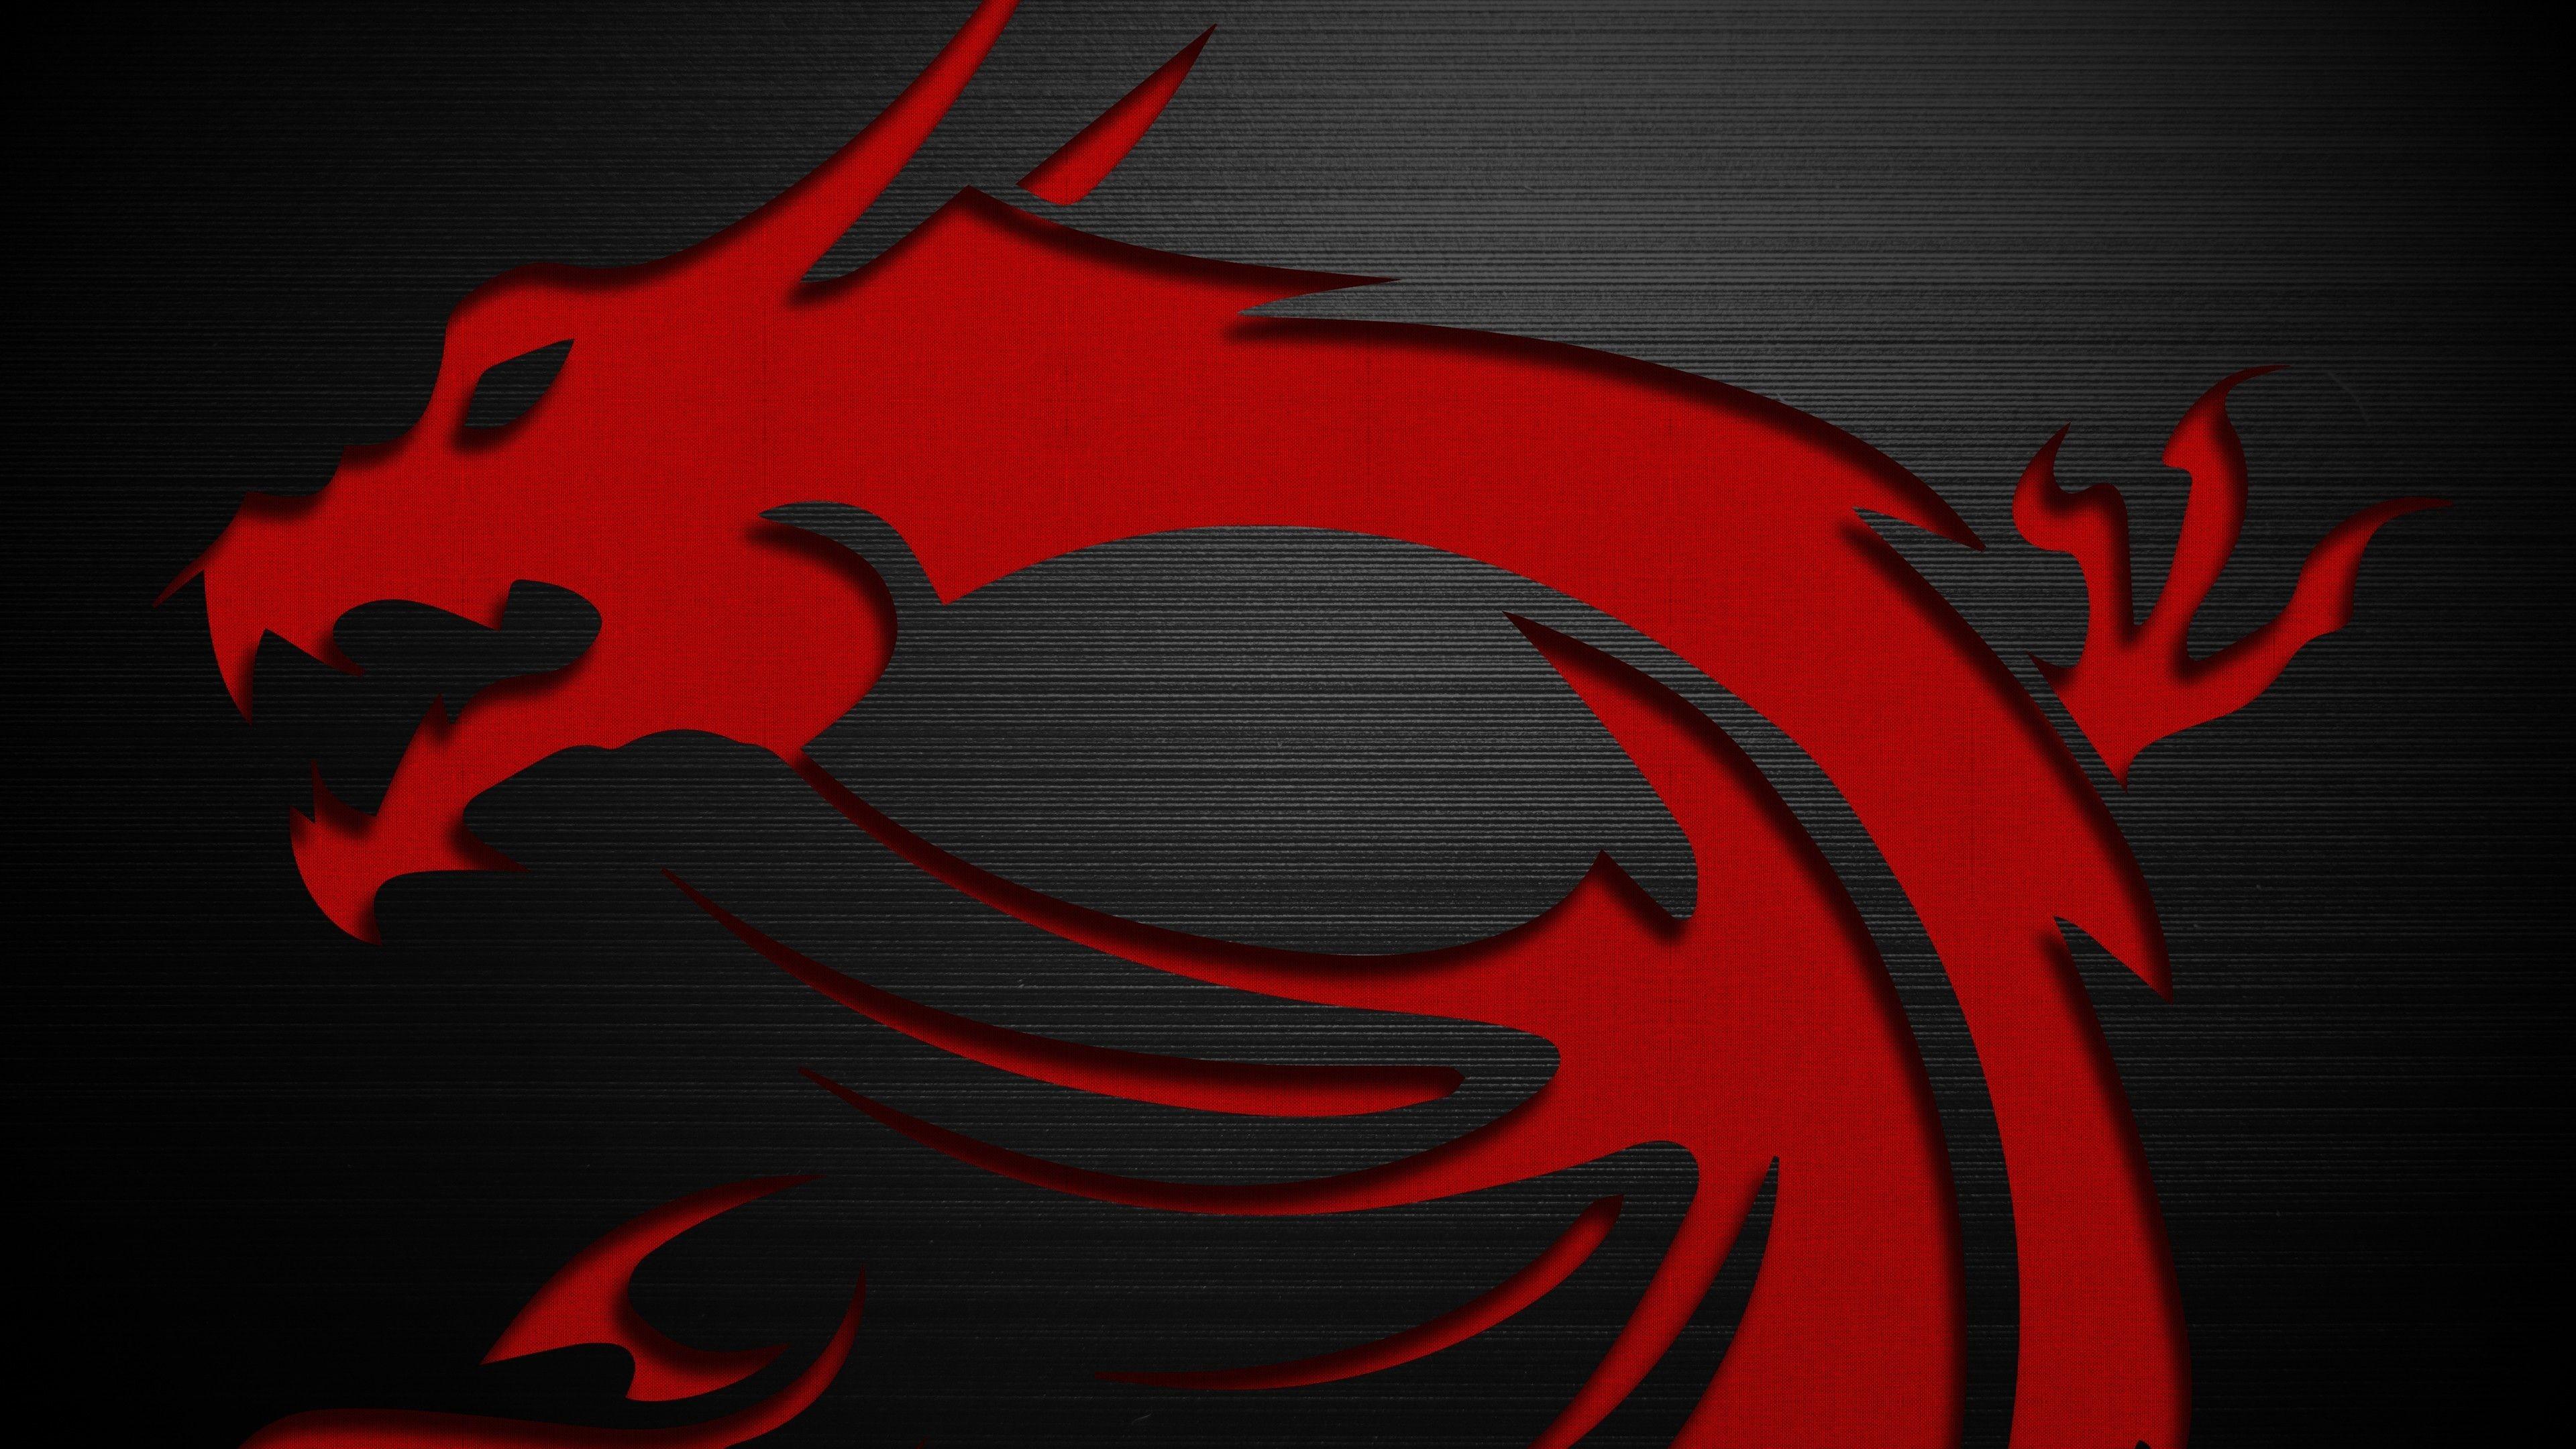 … wallpaper – Msi Dragon Logo Pc Gaming. Download